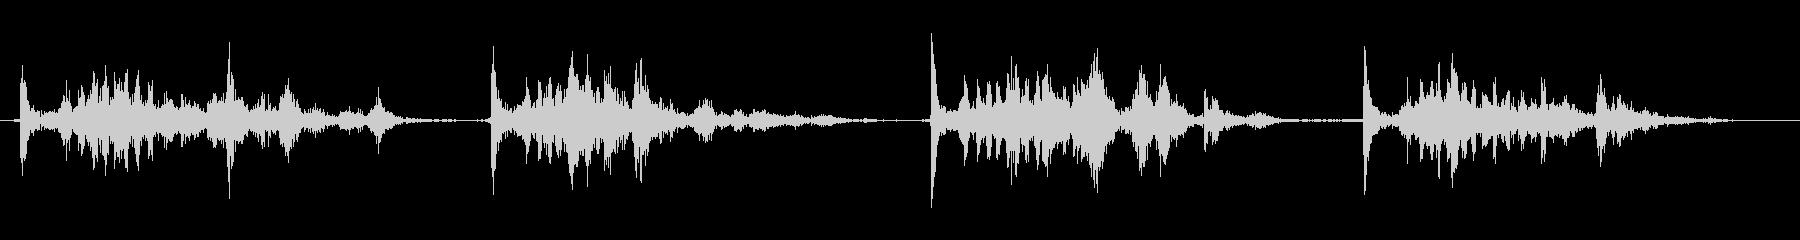 船外機のプルコードを4回引くの未再生の波形